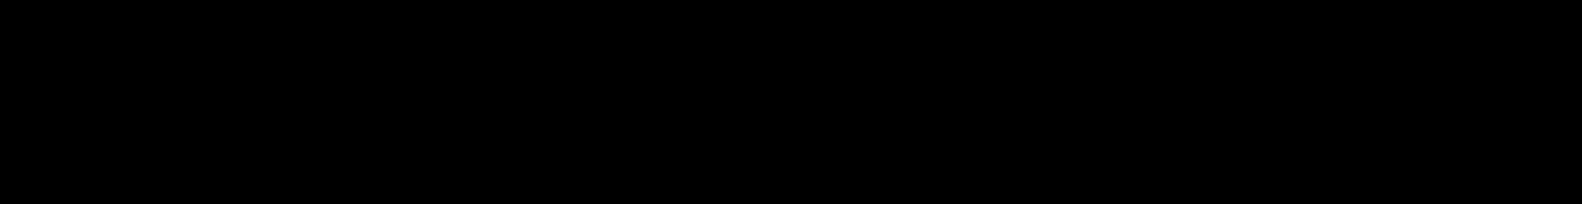 alice balice | Gaston l'Ami des émotions | mange problèmes | avale soucis | couture | sewing | patron | tutorial | tutoriel | gestion des émotions | outil pédagogique | coupon de tissu prêt à coudre | niveau débutant | renard | licorne